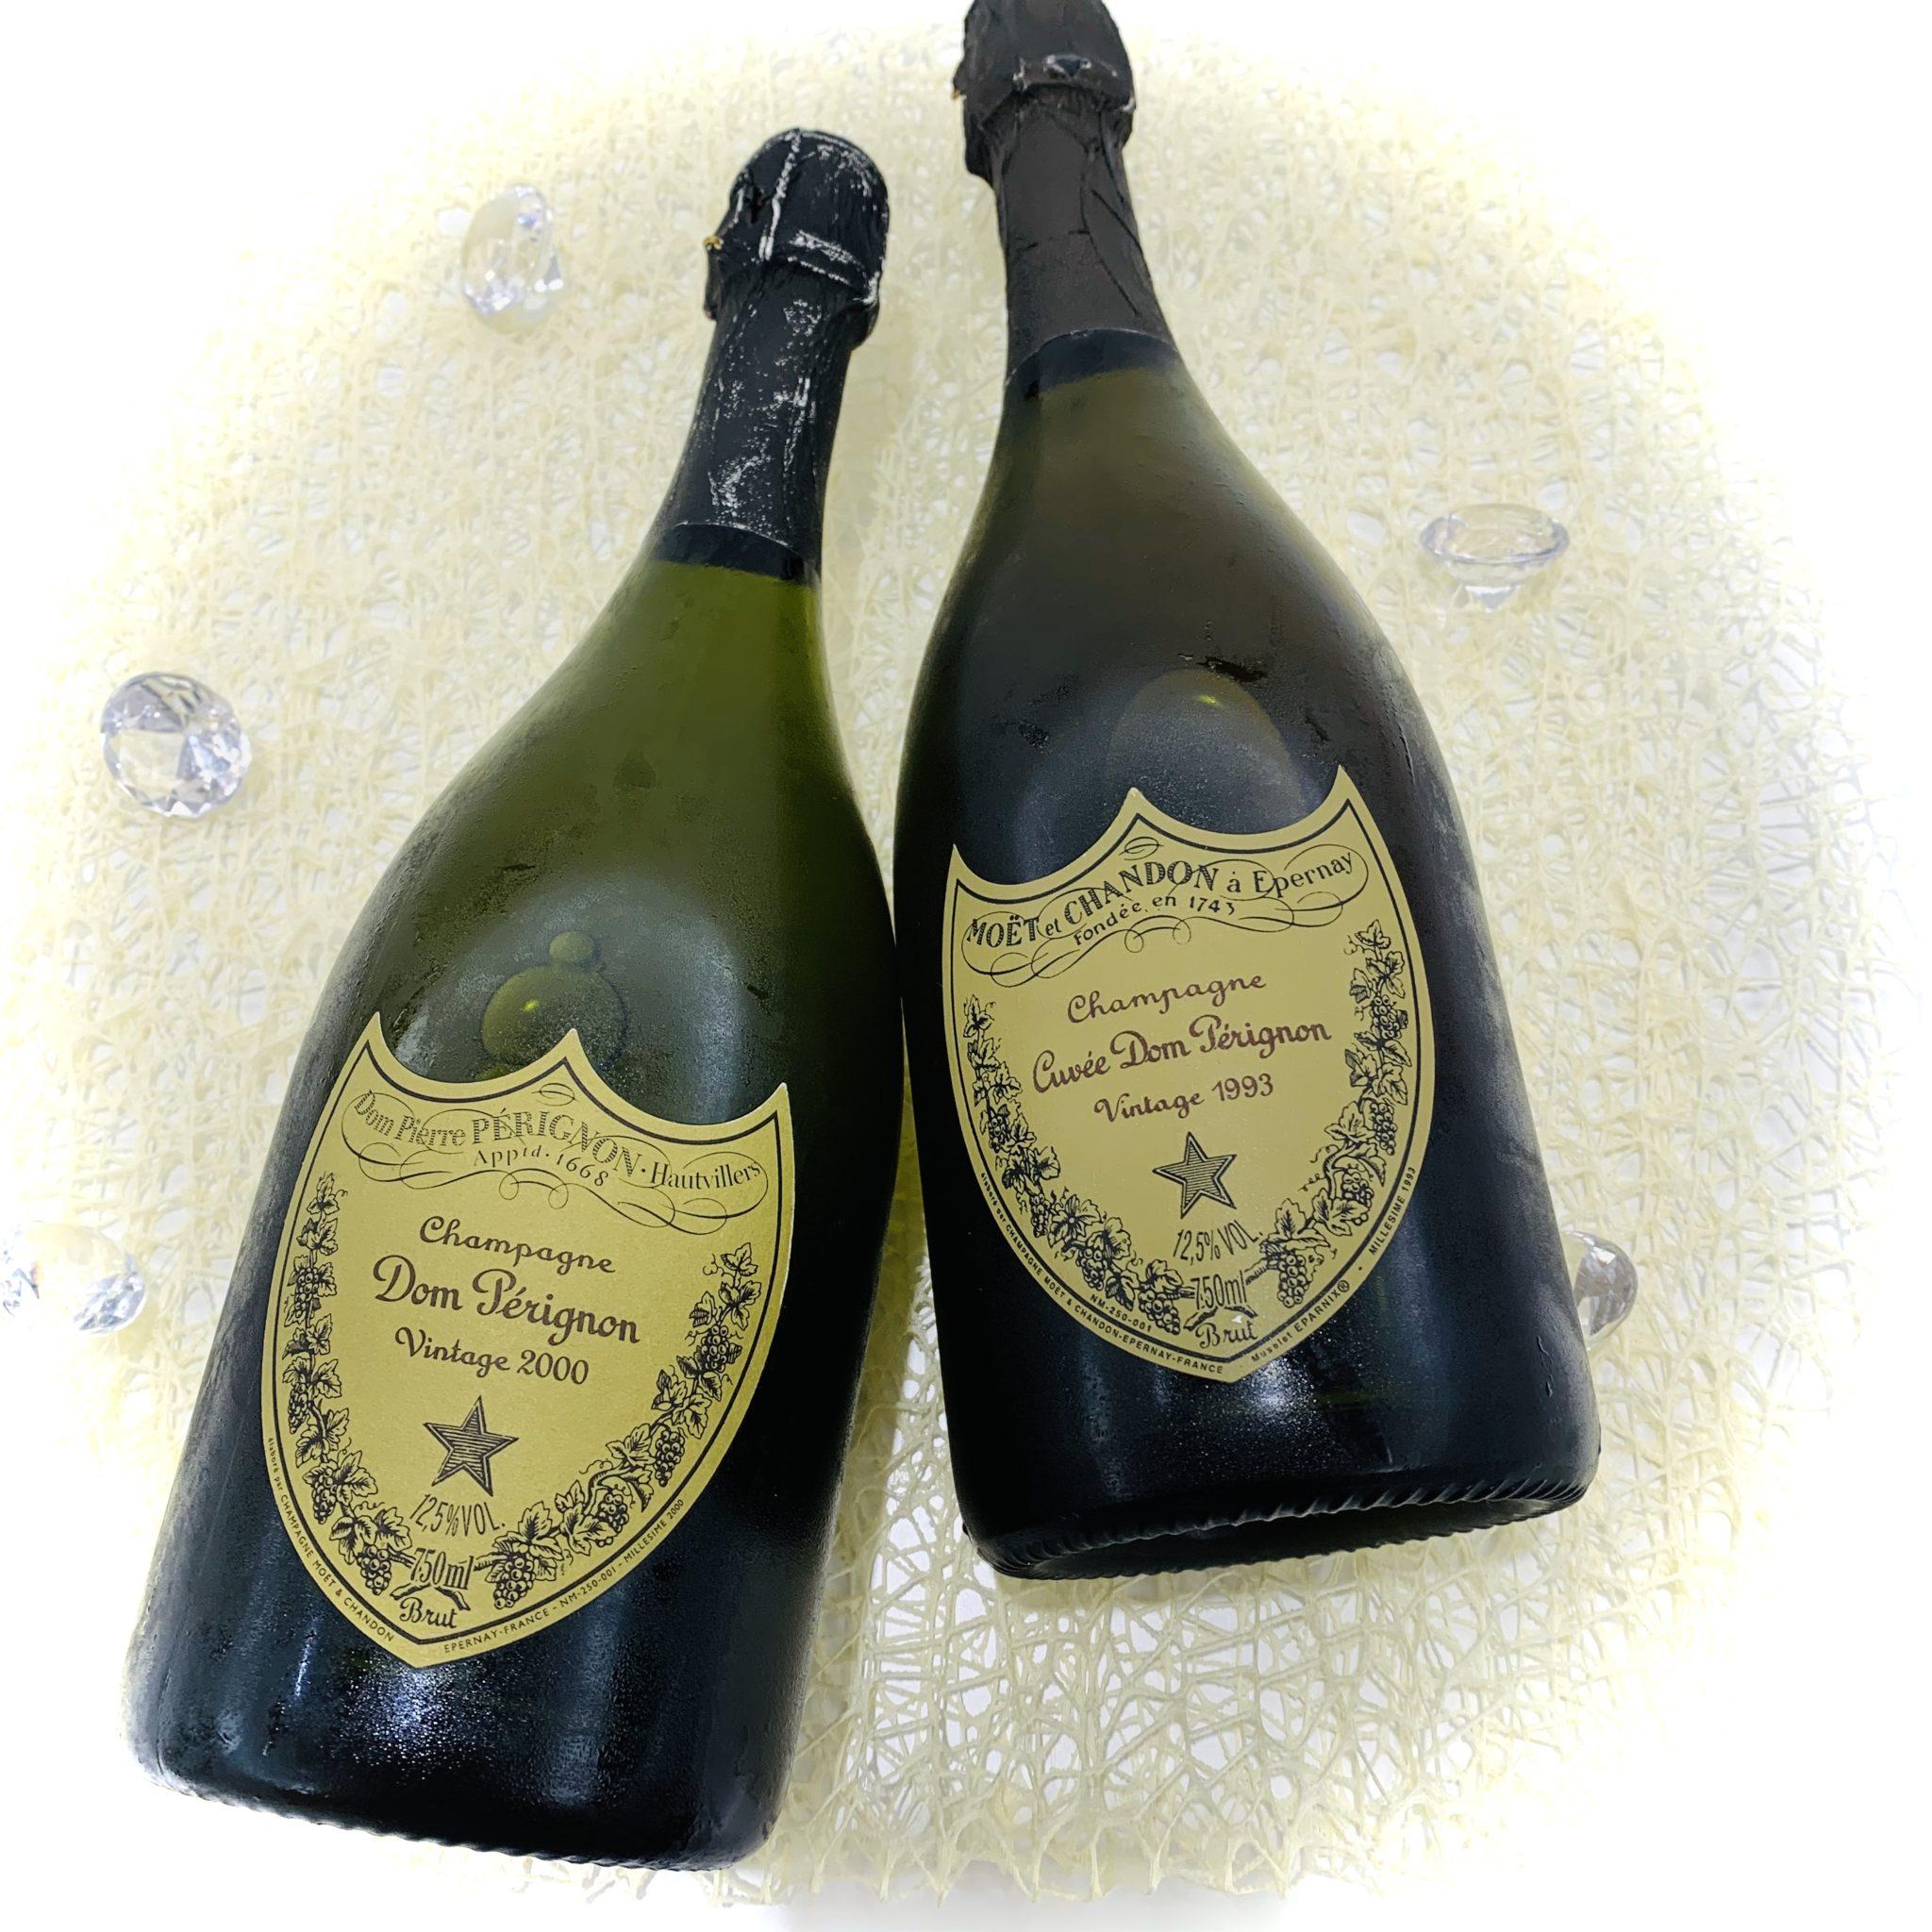 【お酒 販売 盛岡】記念日やお祝いの席にも♡ドンペリニヨンで乾杯しませんか